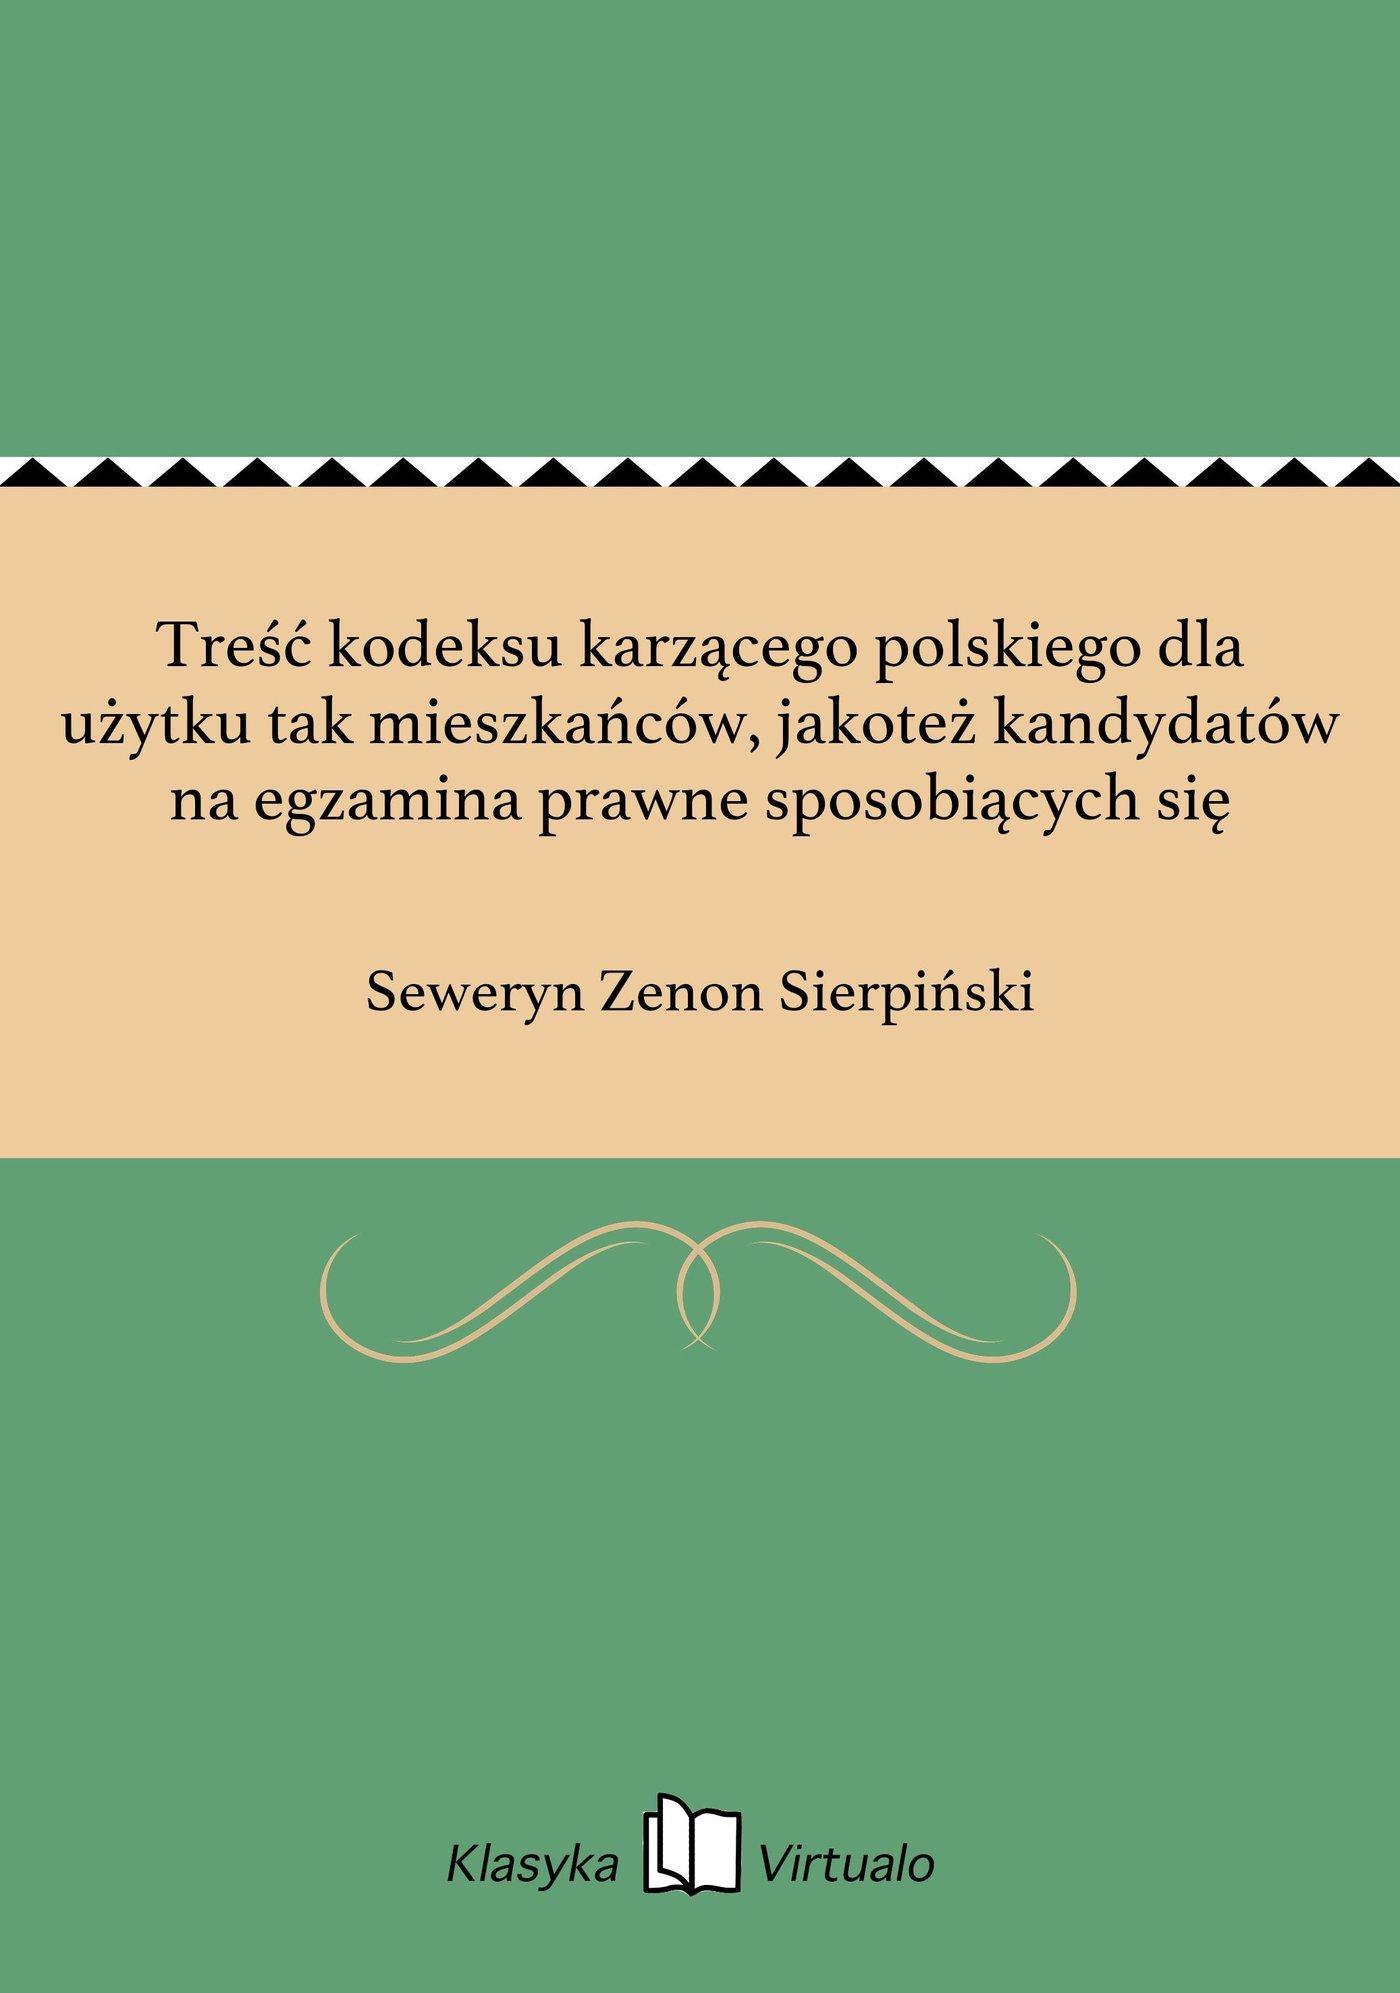 Treść kodeksu karzącego polskiego dla użytku tak mieszkańców, jakoteż kandydatów na egzamina prawne sposobiących się - Ebook (Książka EPUB) do pobrania w formacie EPUB